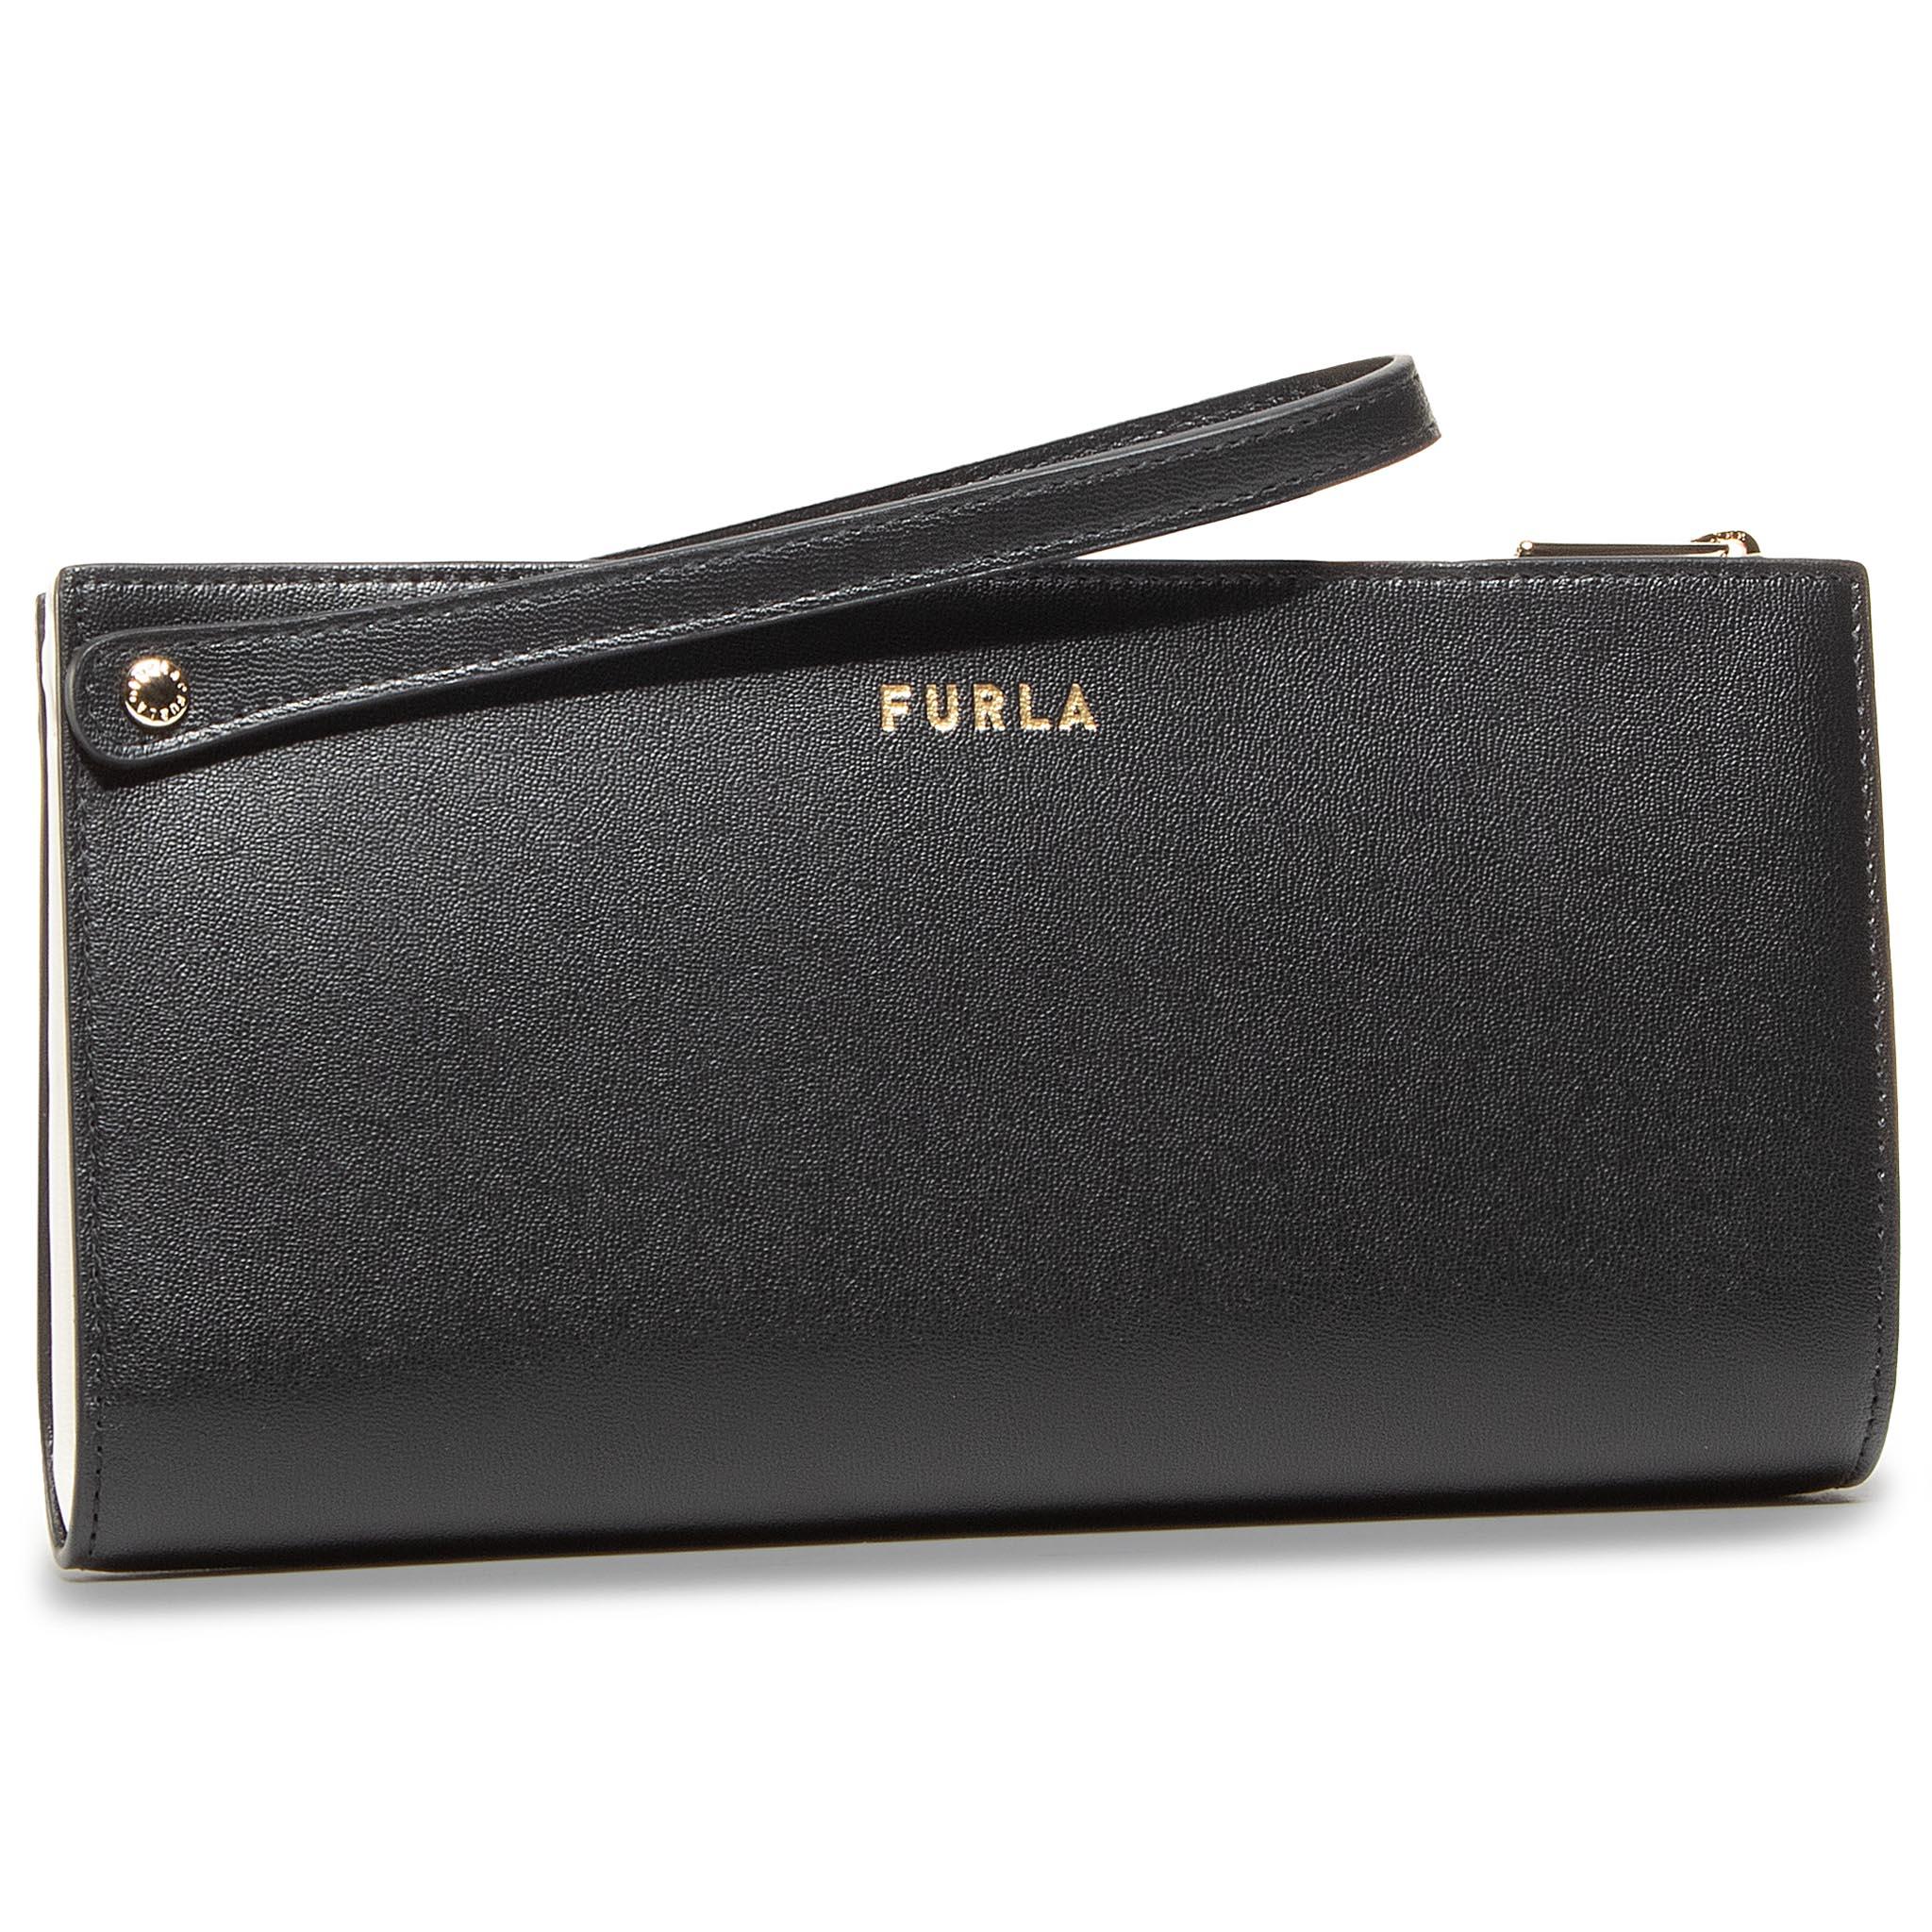 Image of Handtasche FURLA - Musa WE00023-MSD000-P1900-1-001-20-CN-E Nero/Talco h